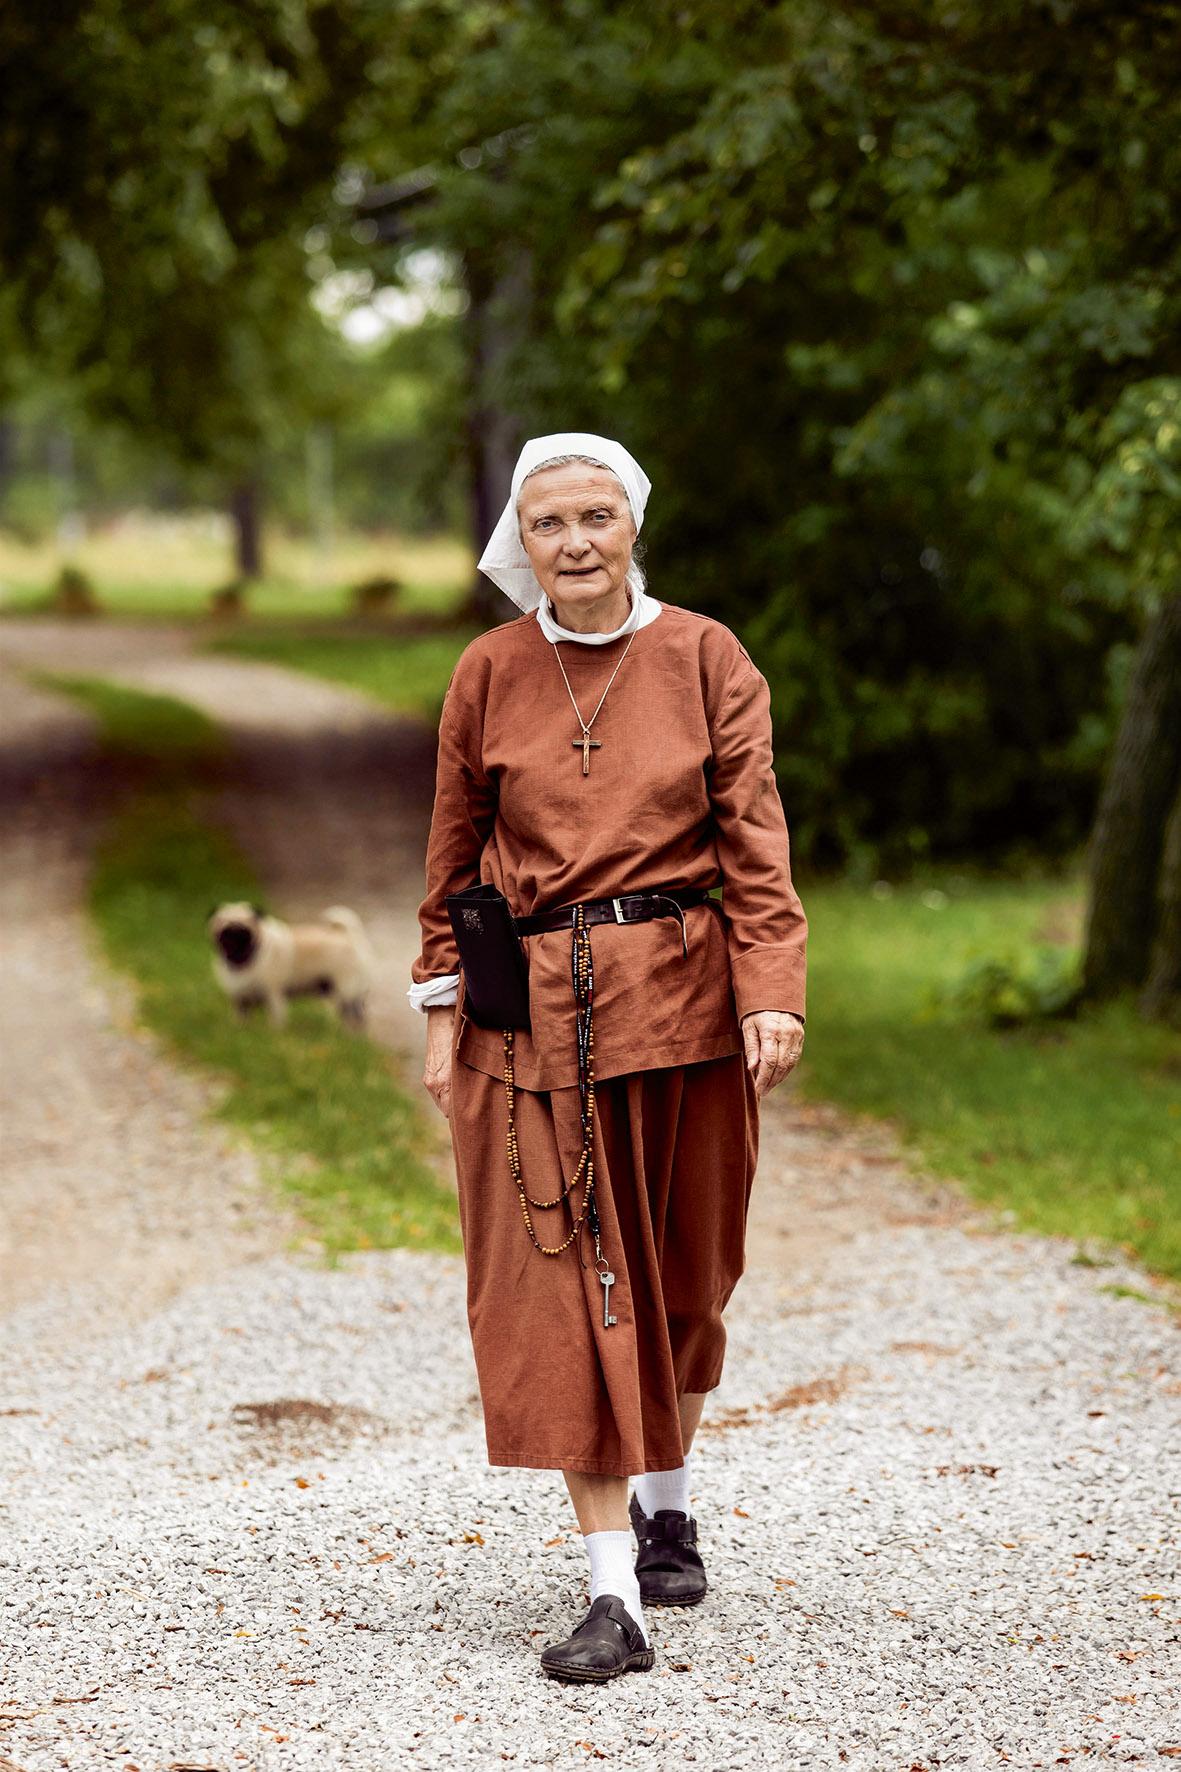 Siostra Małgorzata Chmielewska o życiu i swoim zgromadzeniu